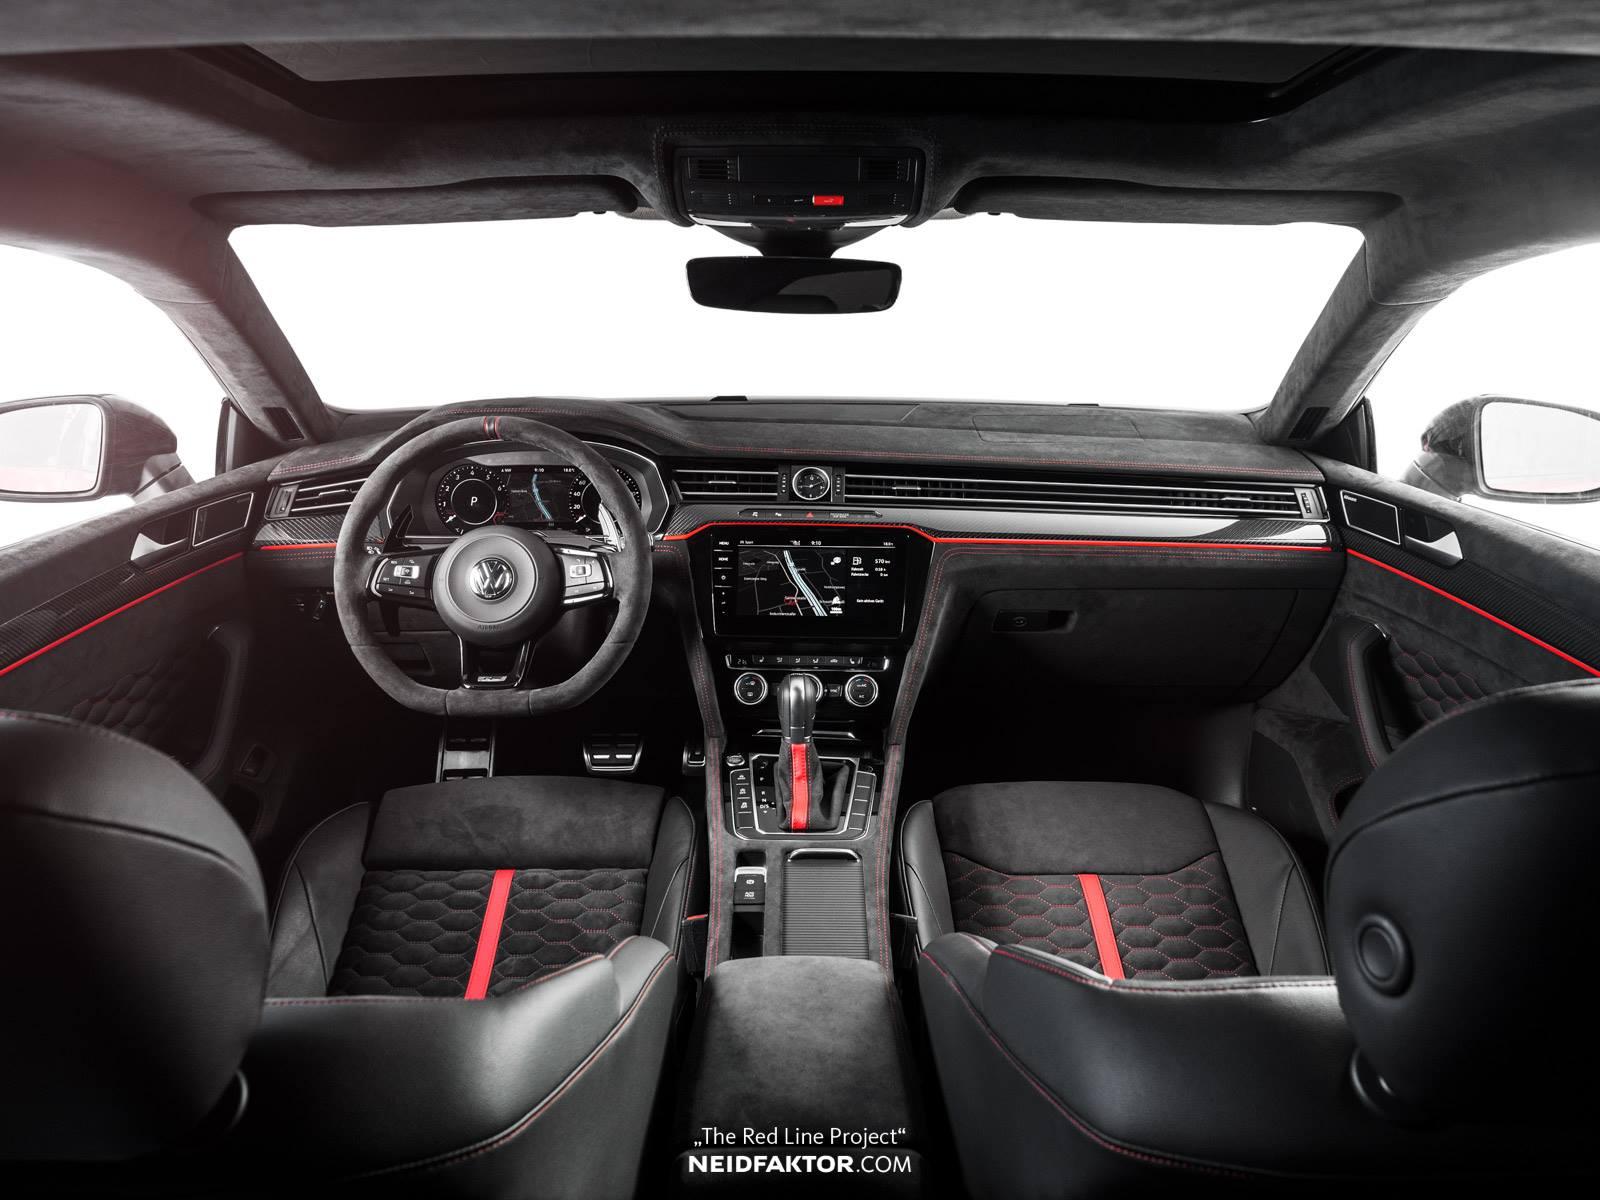 Volkswagen Arteon by Neidfaktor (1)